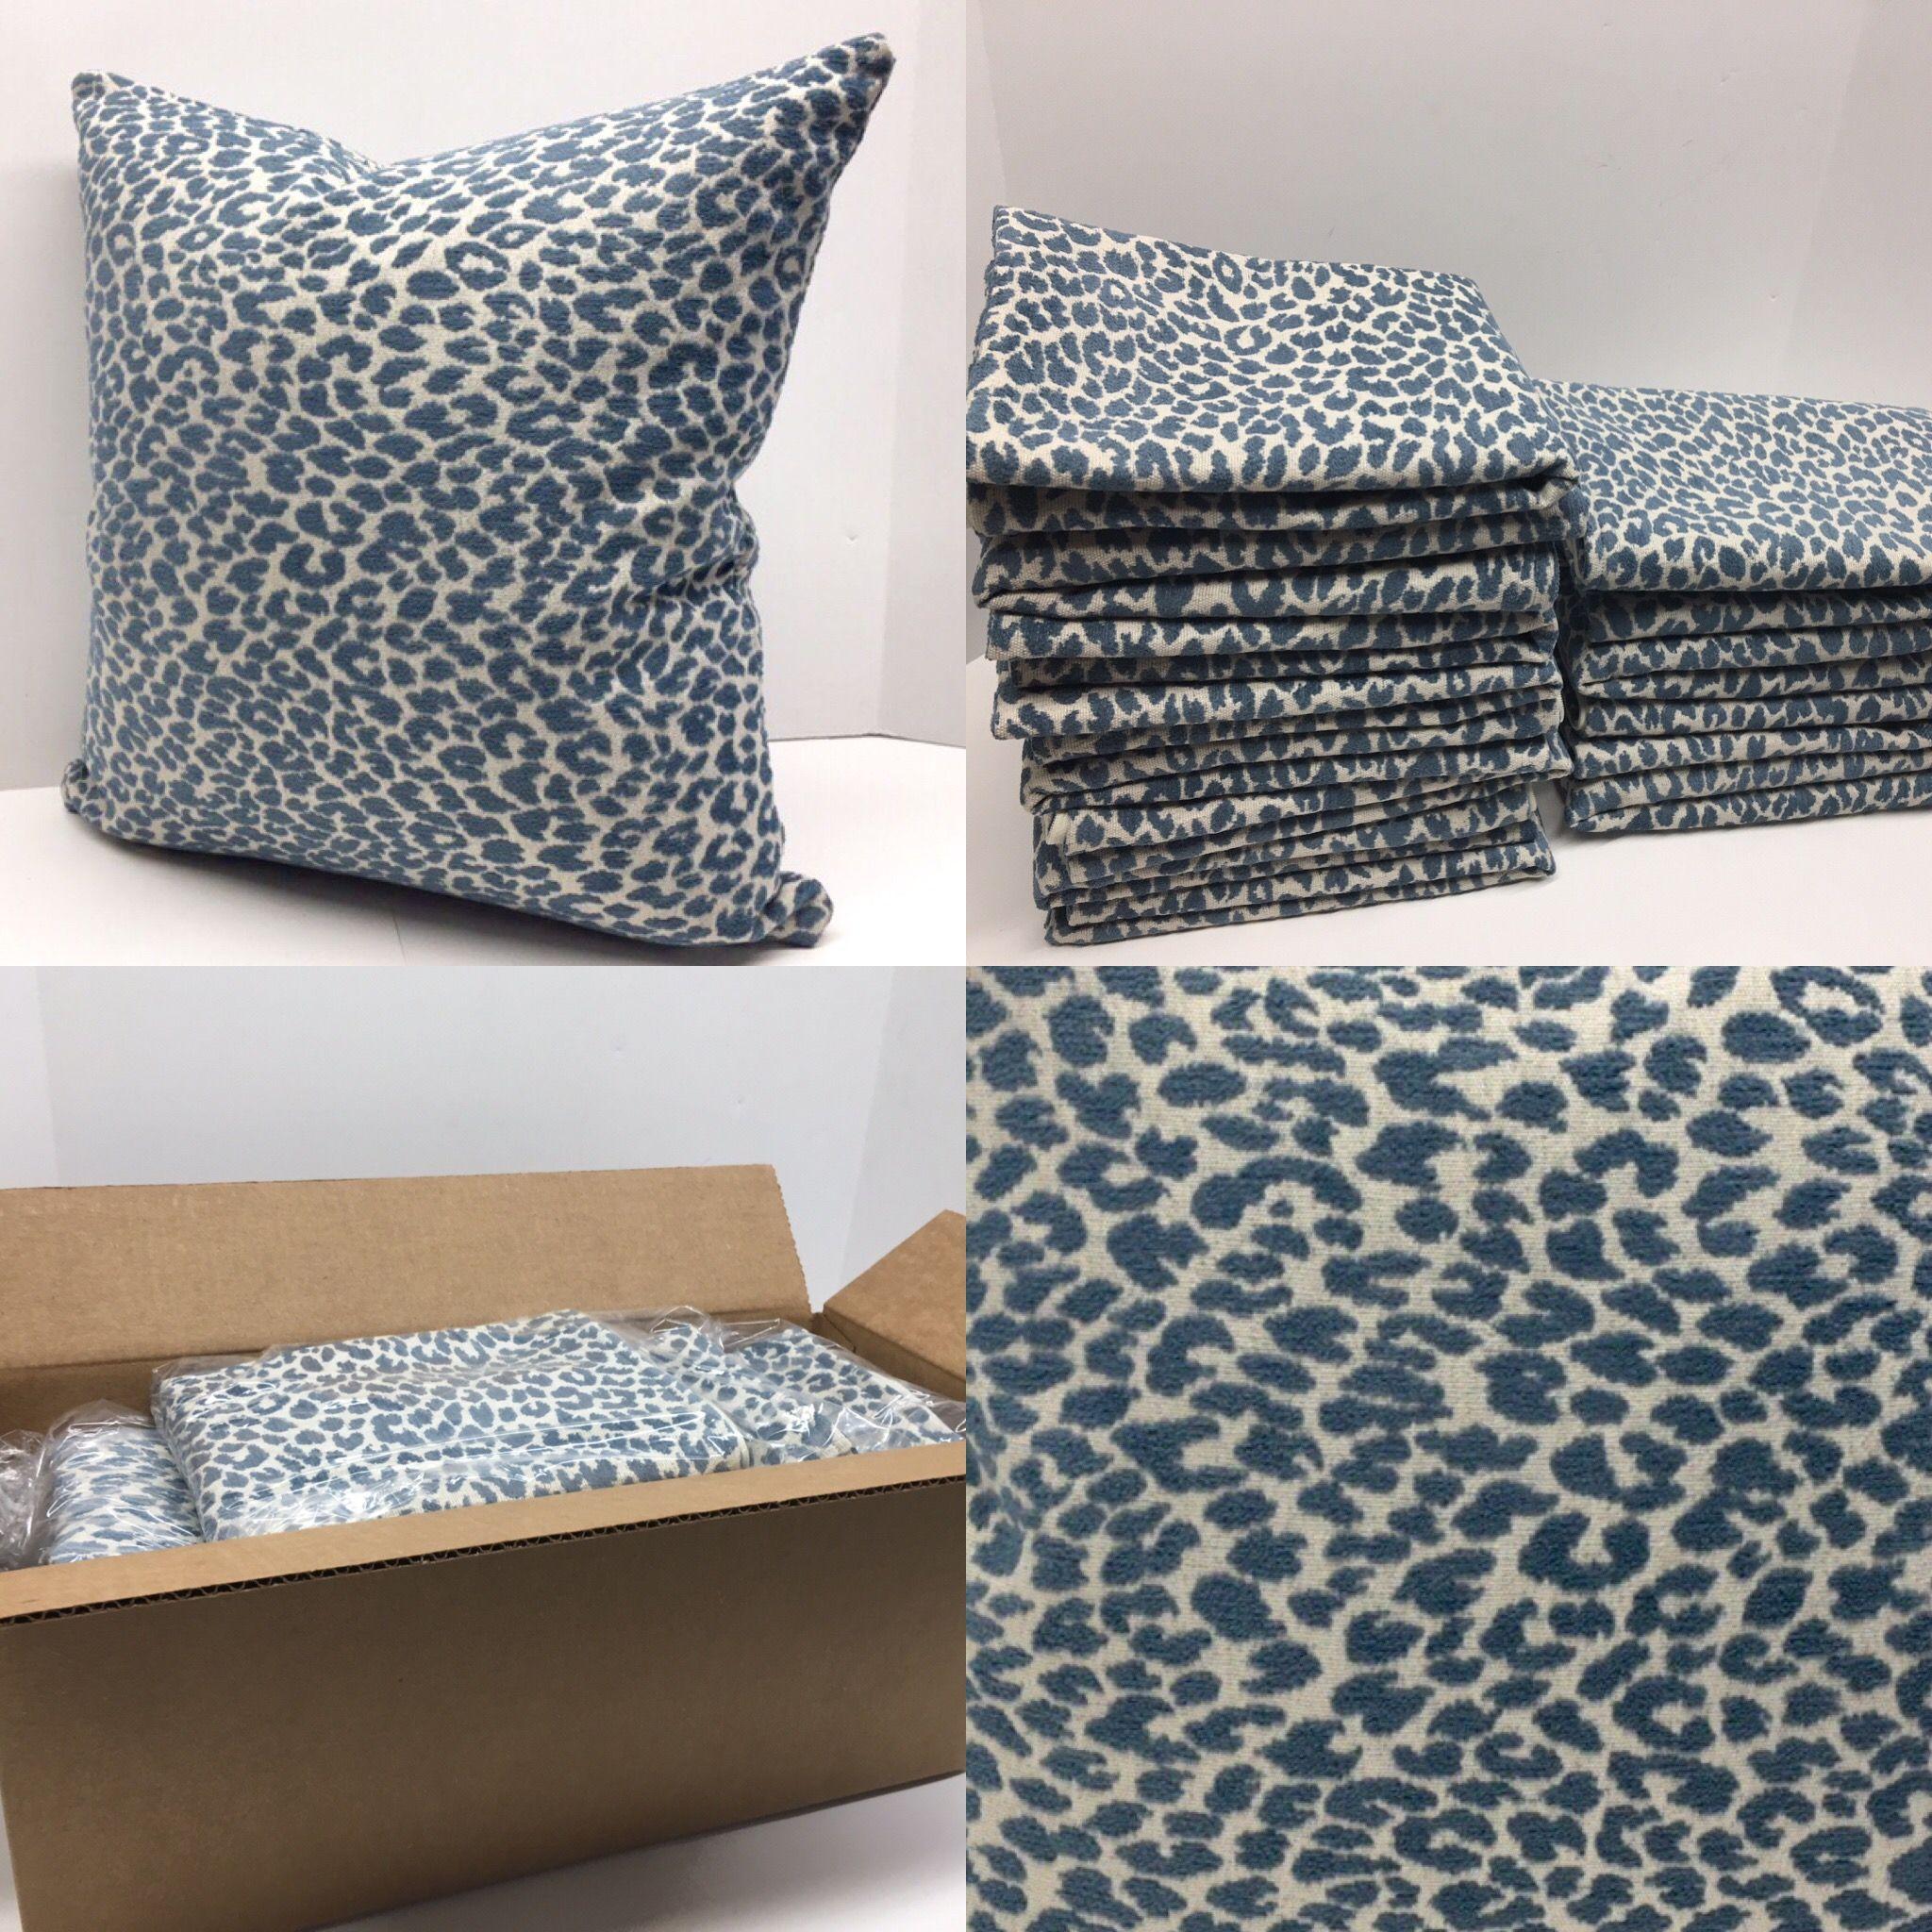 Pin By Pillow Loft Home Decor On Pillow Loft Home Decor Decorative Pillow Covers Loft House Decorative Pillows